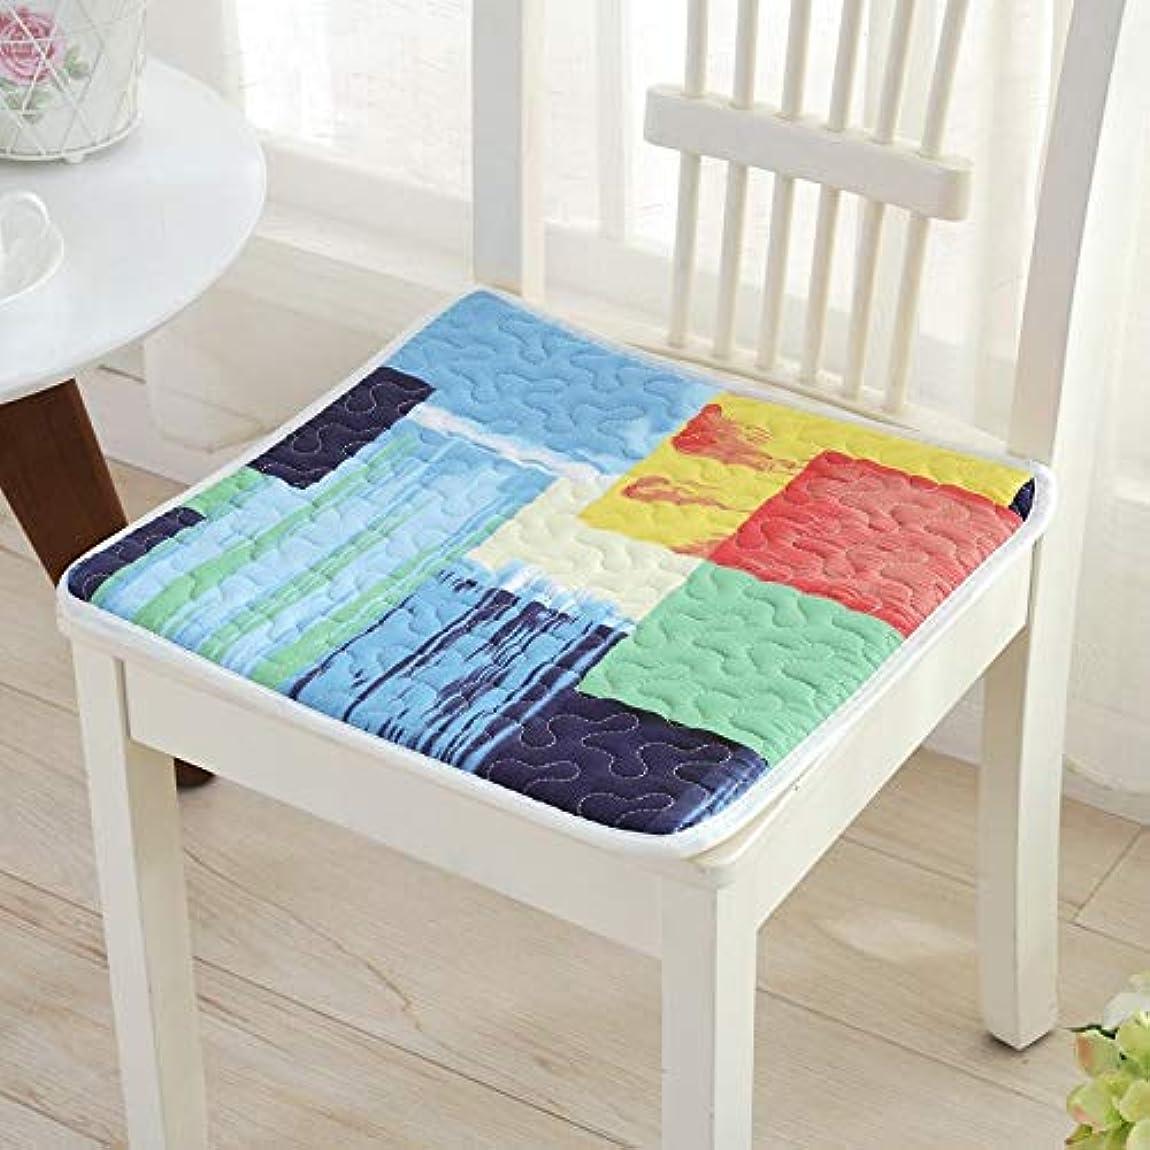 白内障同化する植木LIFE 現代スーパーソフト椅子クッション非スリップシートクッションマットソファホームデコレーションバッククッションチェアパッド 40*40/45*45/50*50 センチメートル クッション 椅子